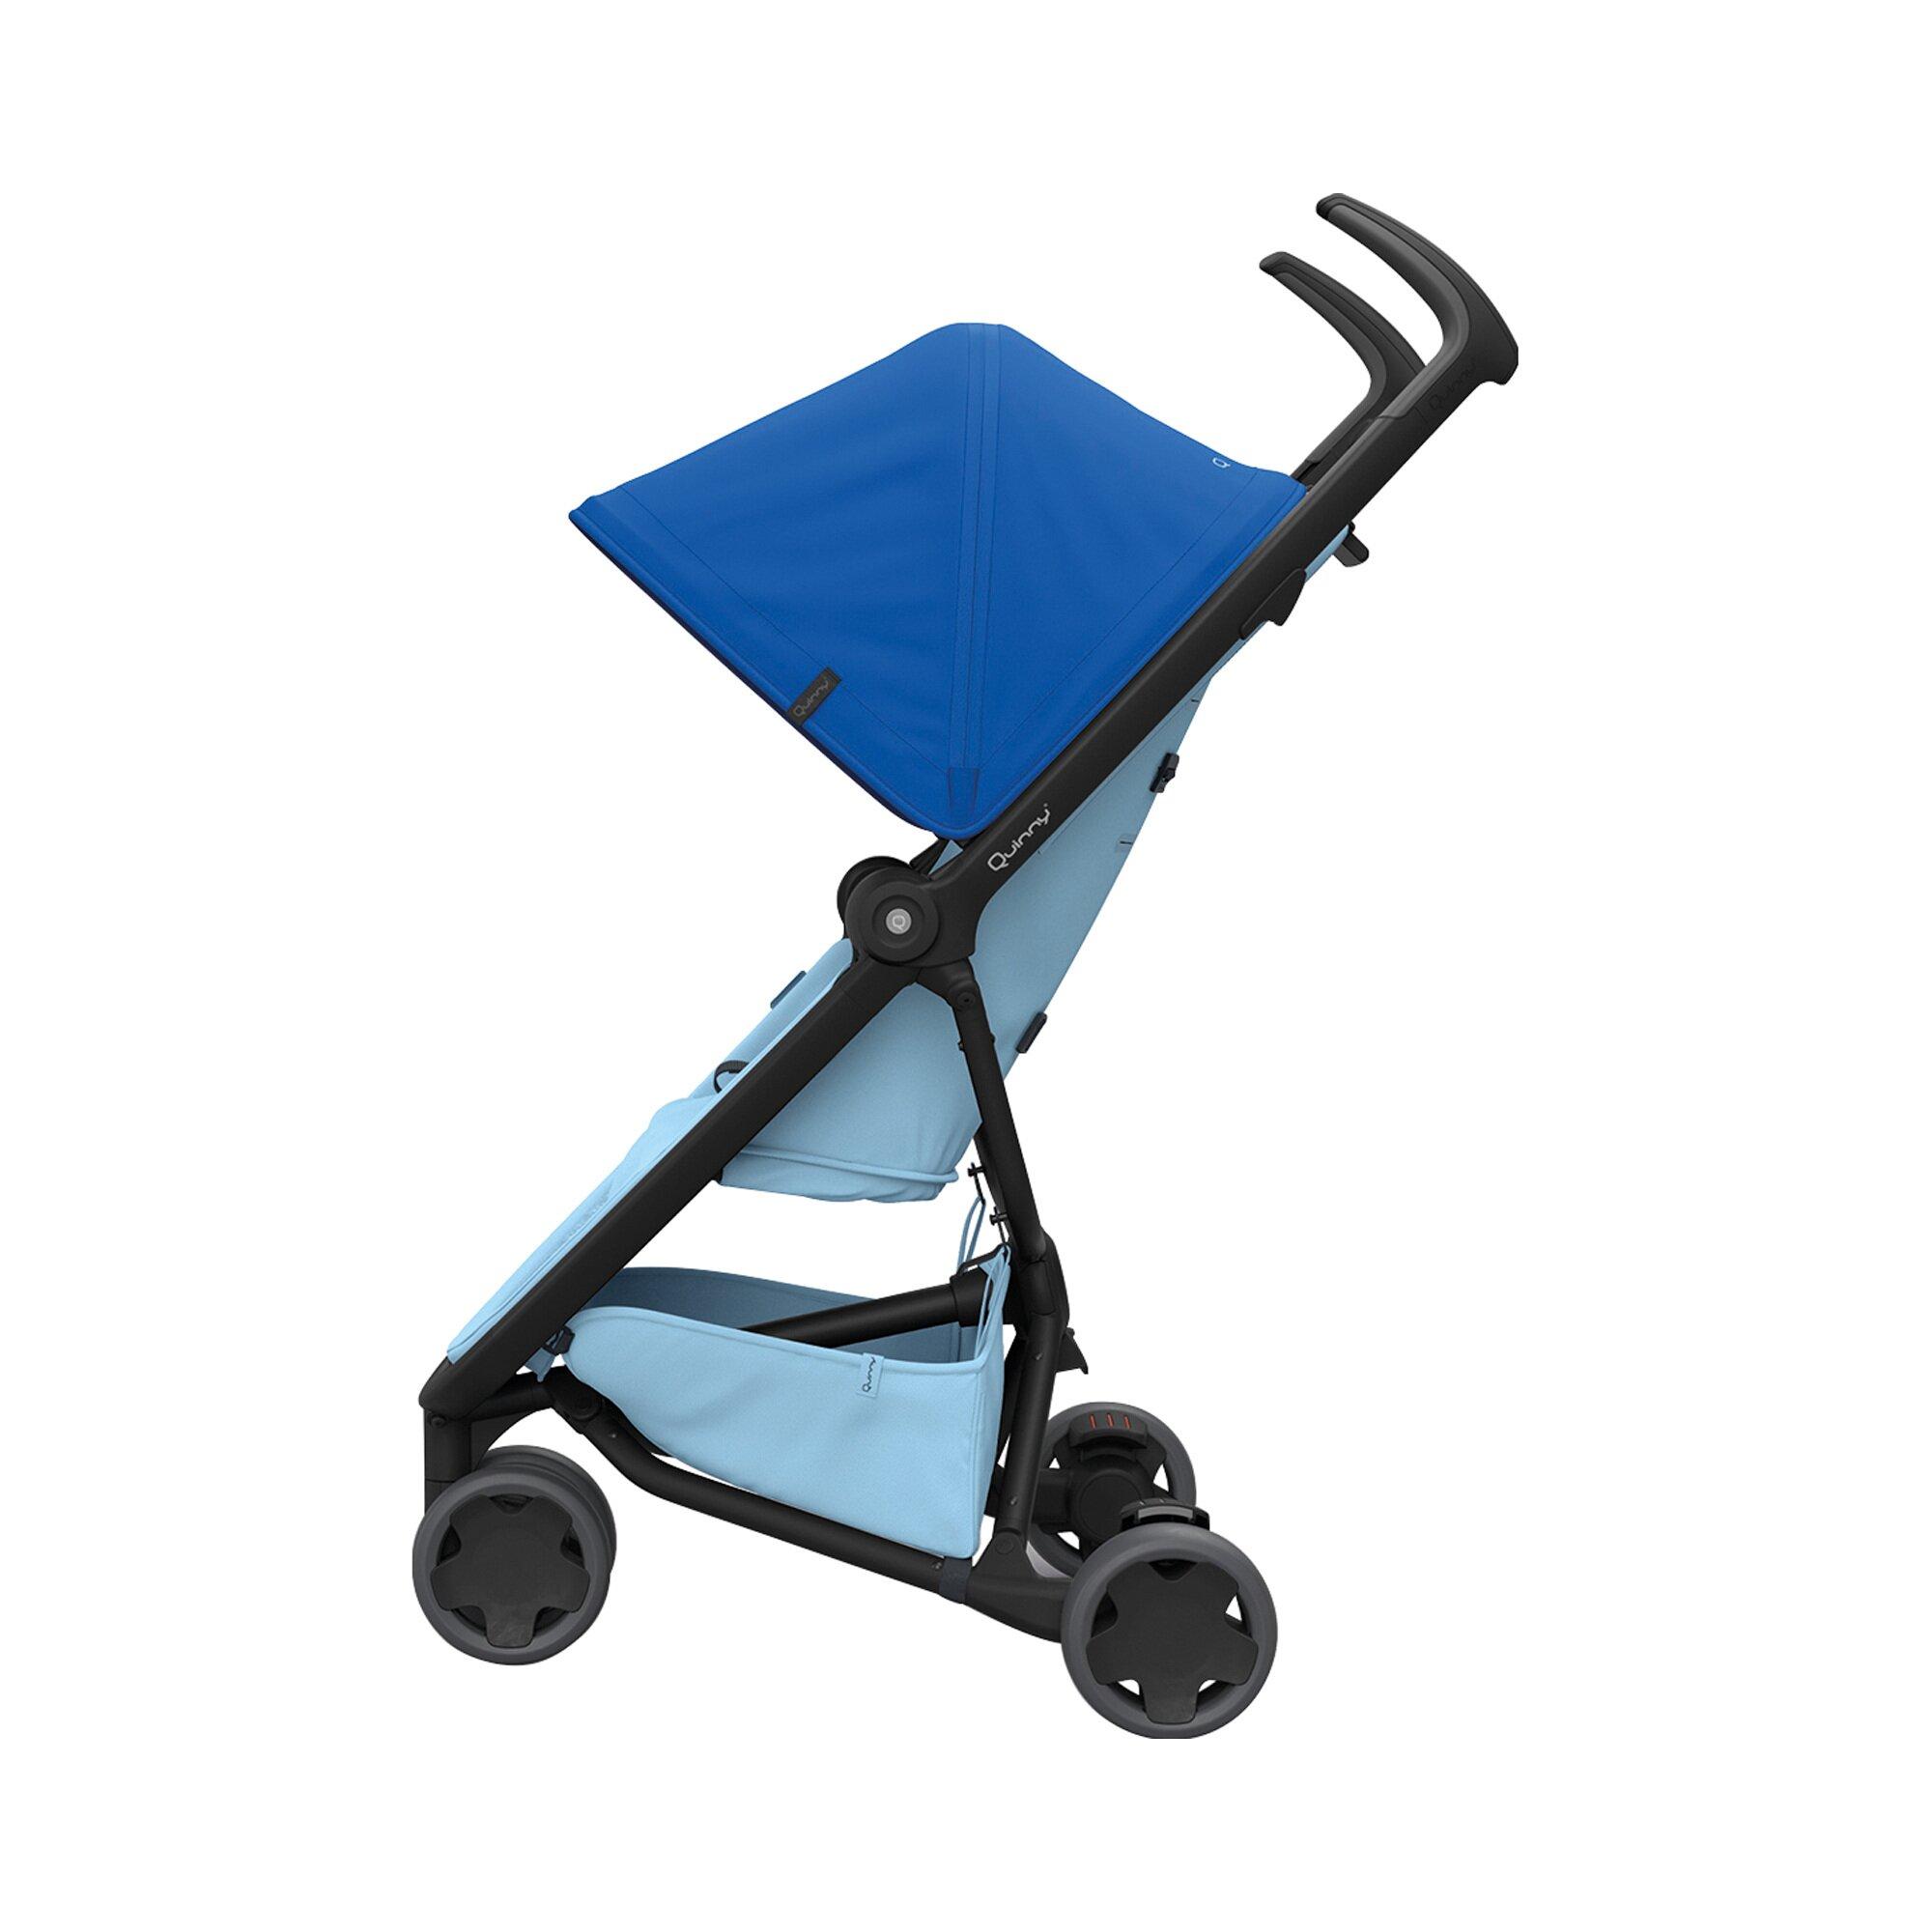 zapp-flex-buggy-mit-liegefunktion-design-2018-blau